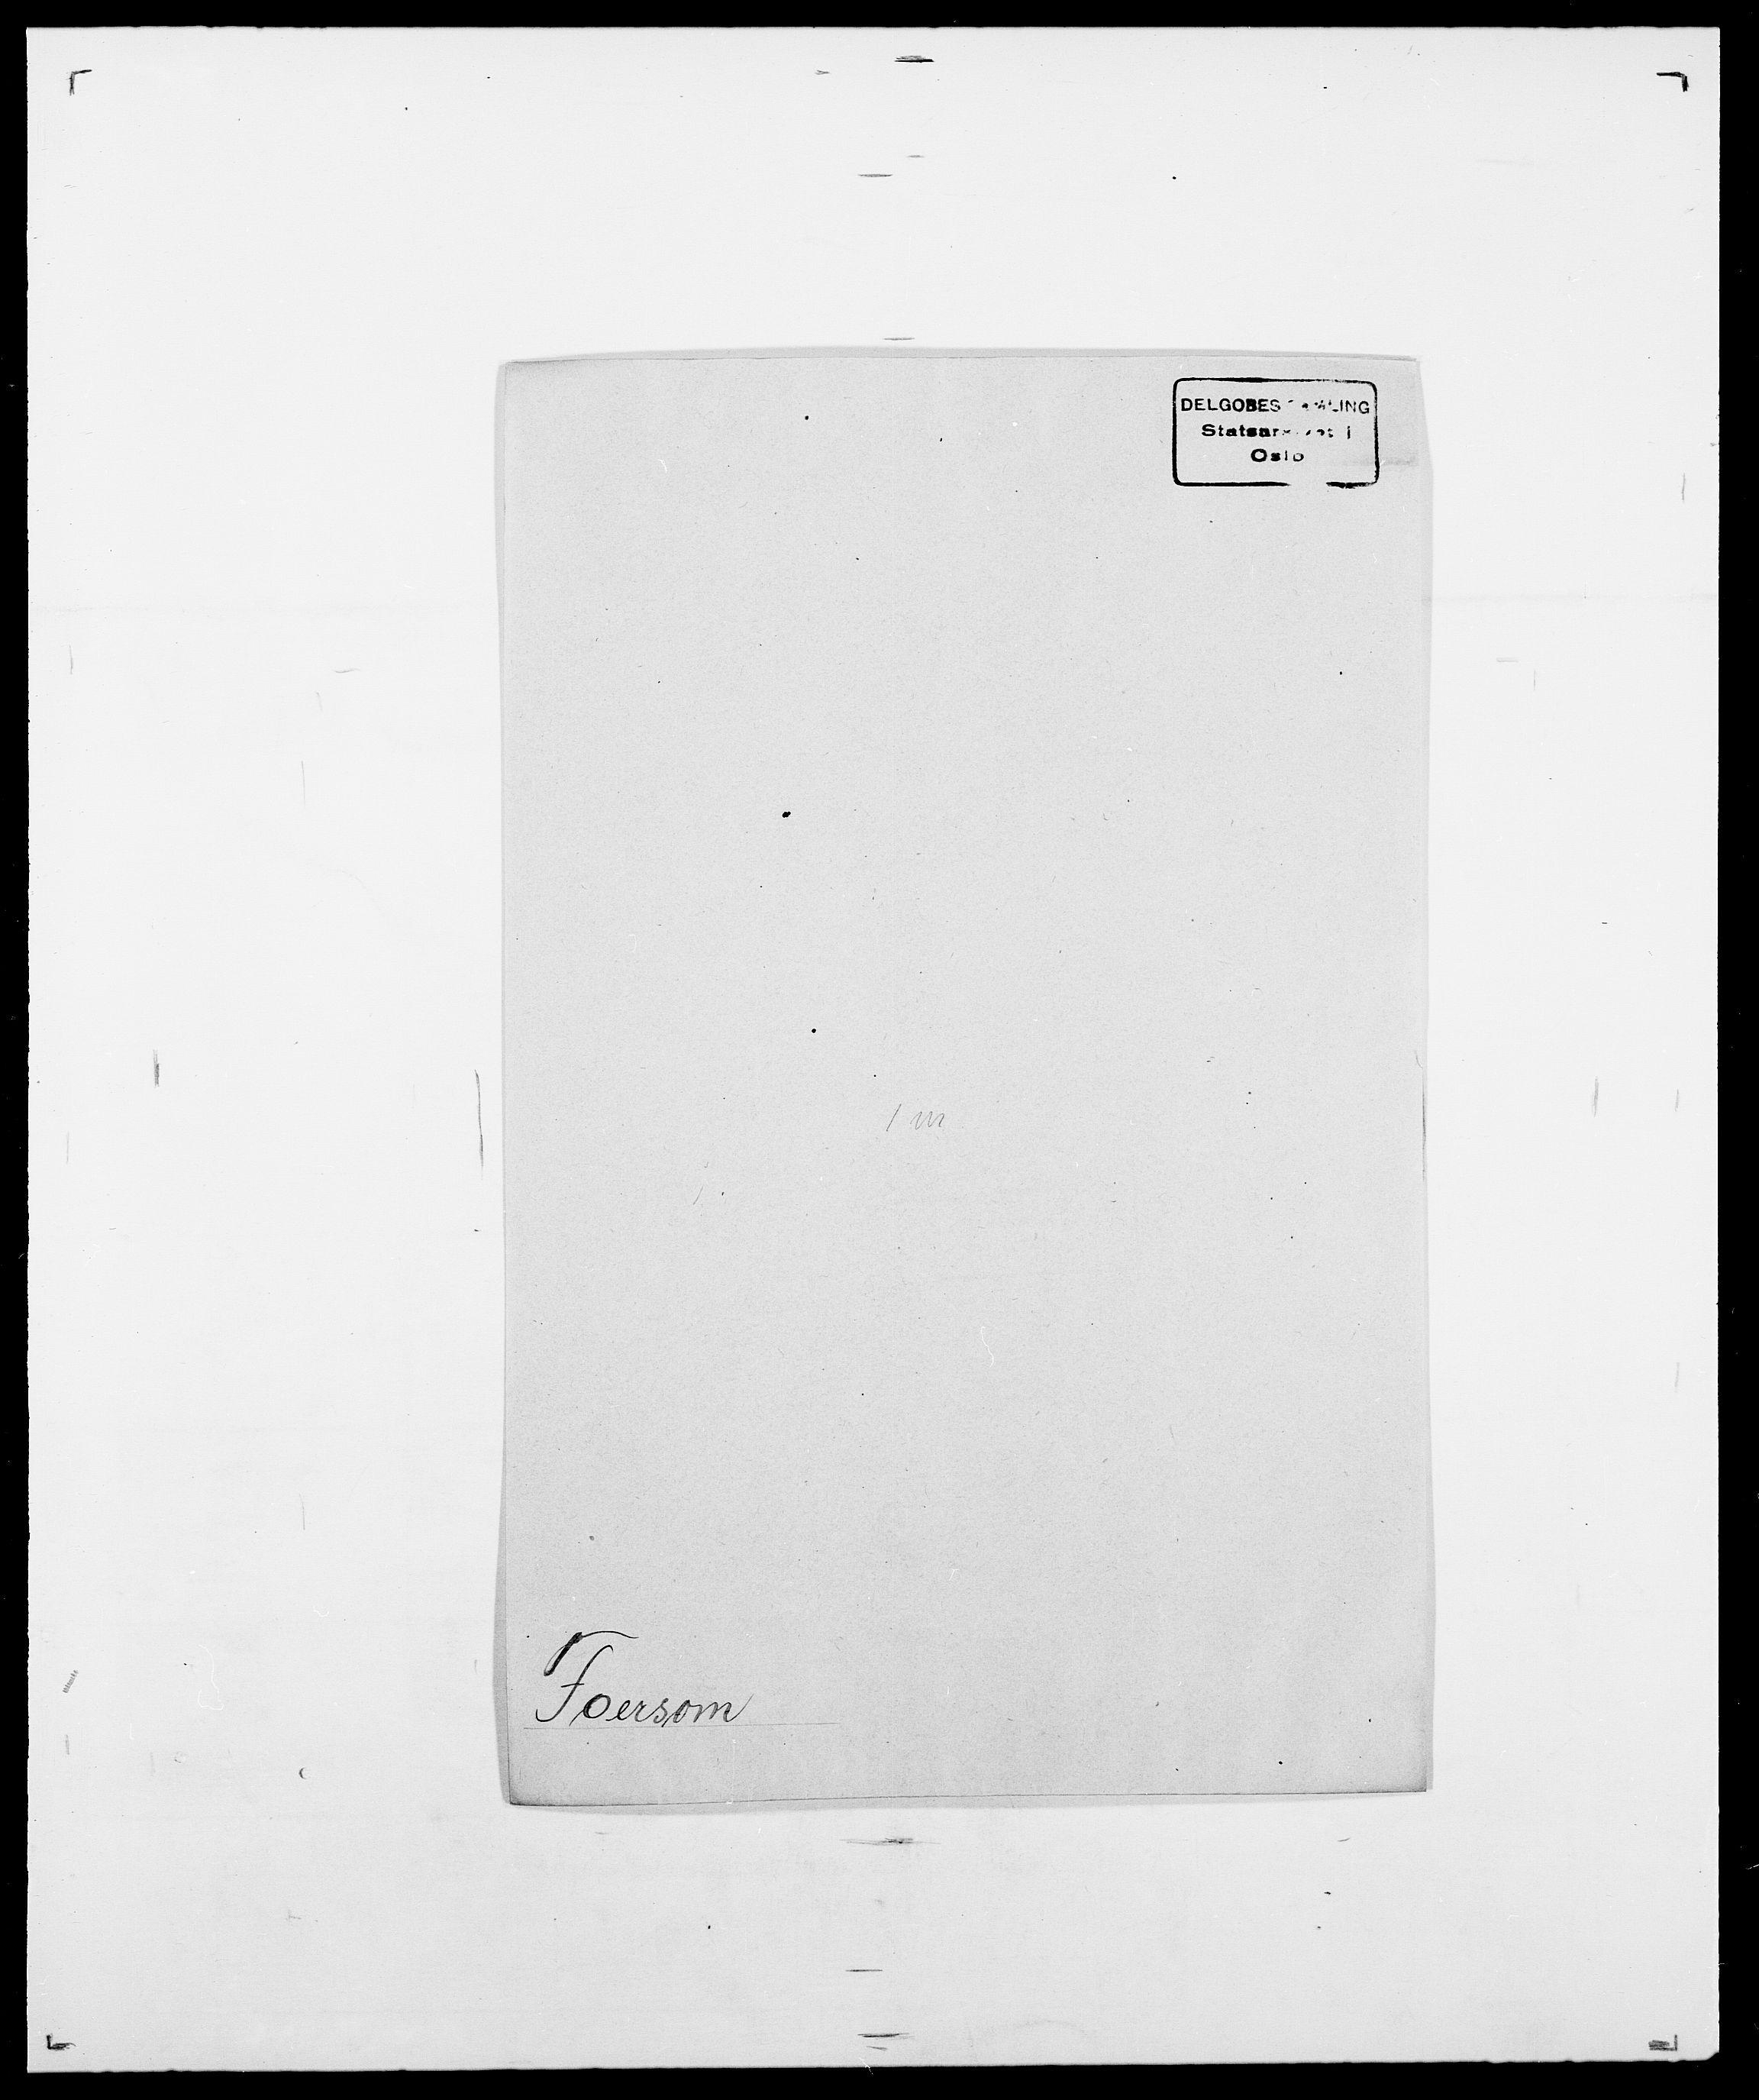 SAO, Delgobe, Charles Antoine - samling, D/Da/L0012: Flor, Floer, Flohr - Fritzner, s. 506